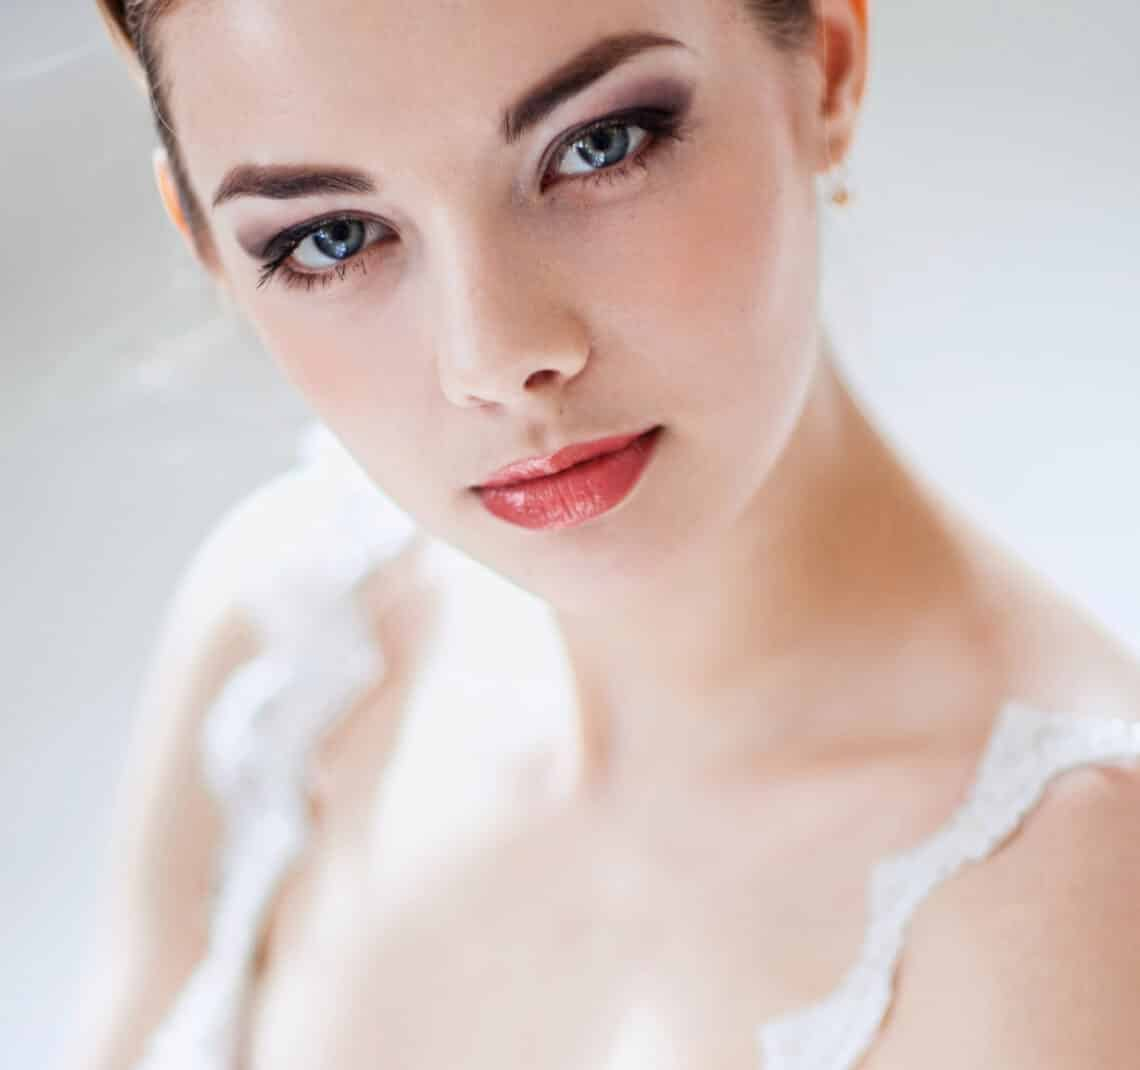 Káprázatos menyasszonyi smink 5 lépésben